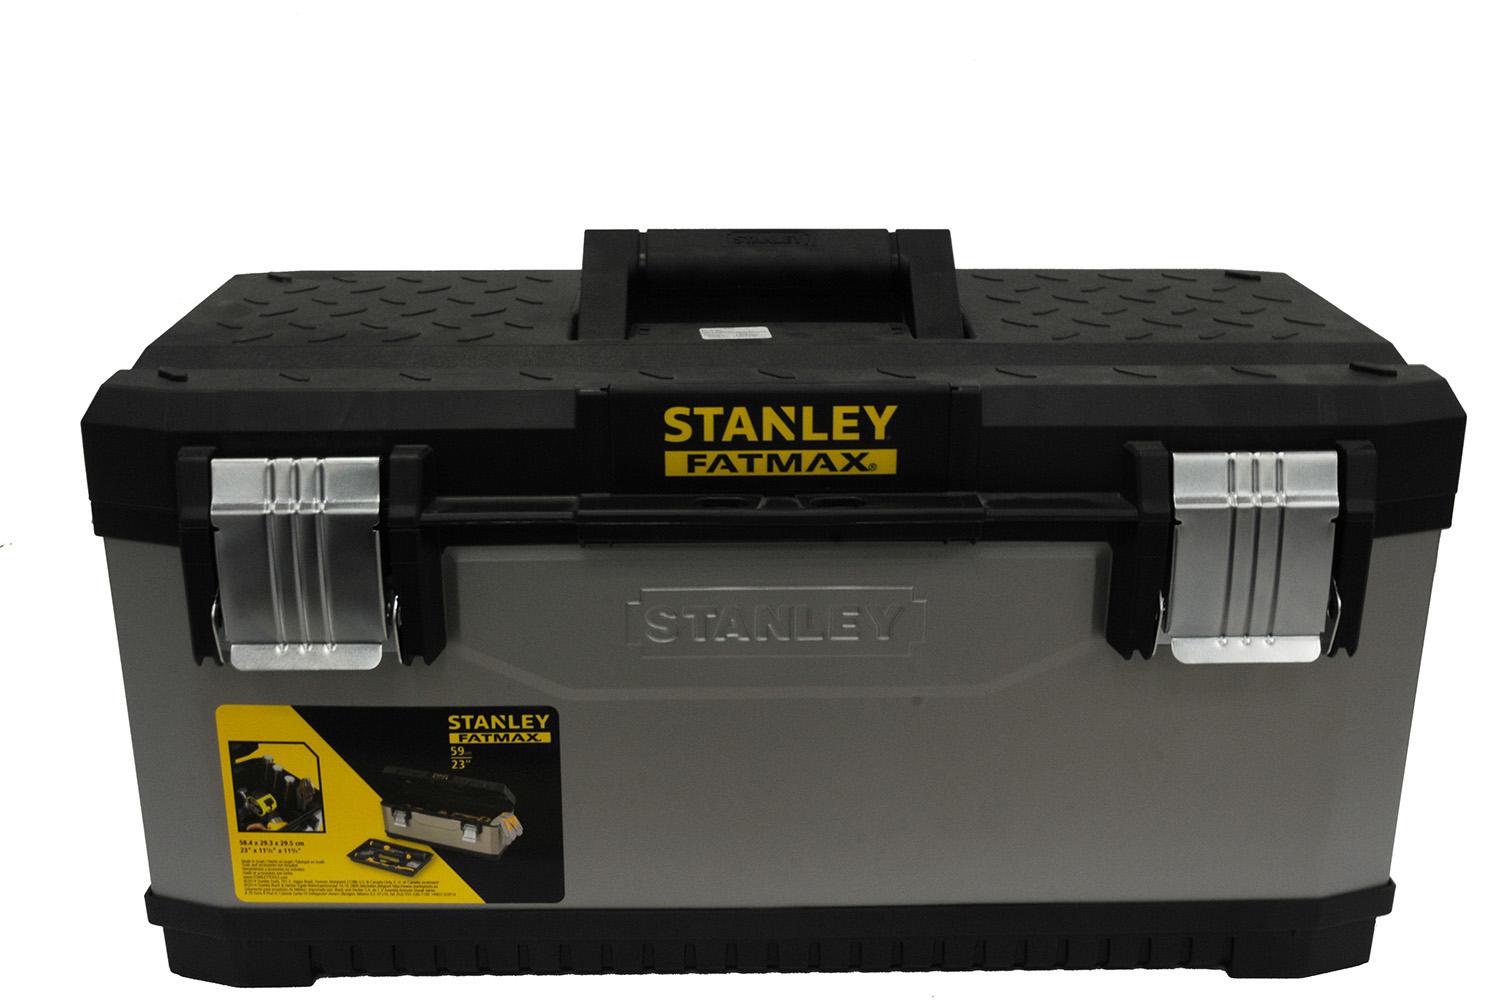 Kovoplastový box na nářadí FatMax (58,4x29,3x29,5) cm